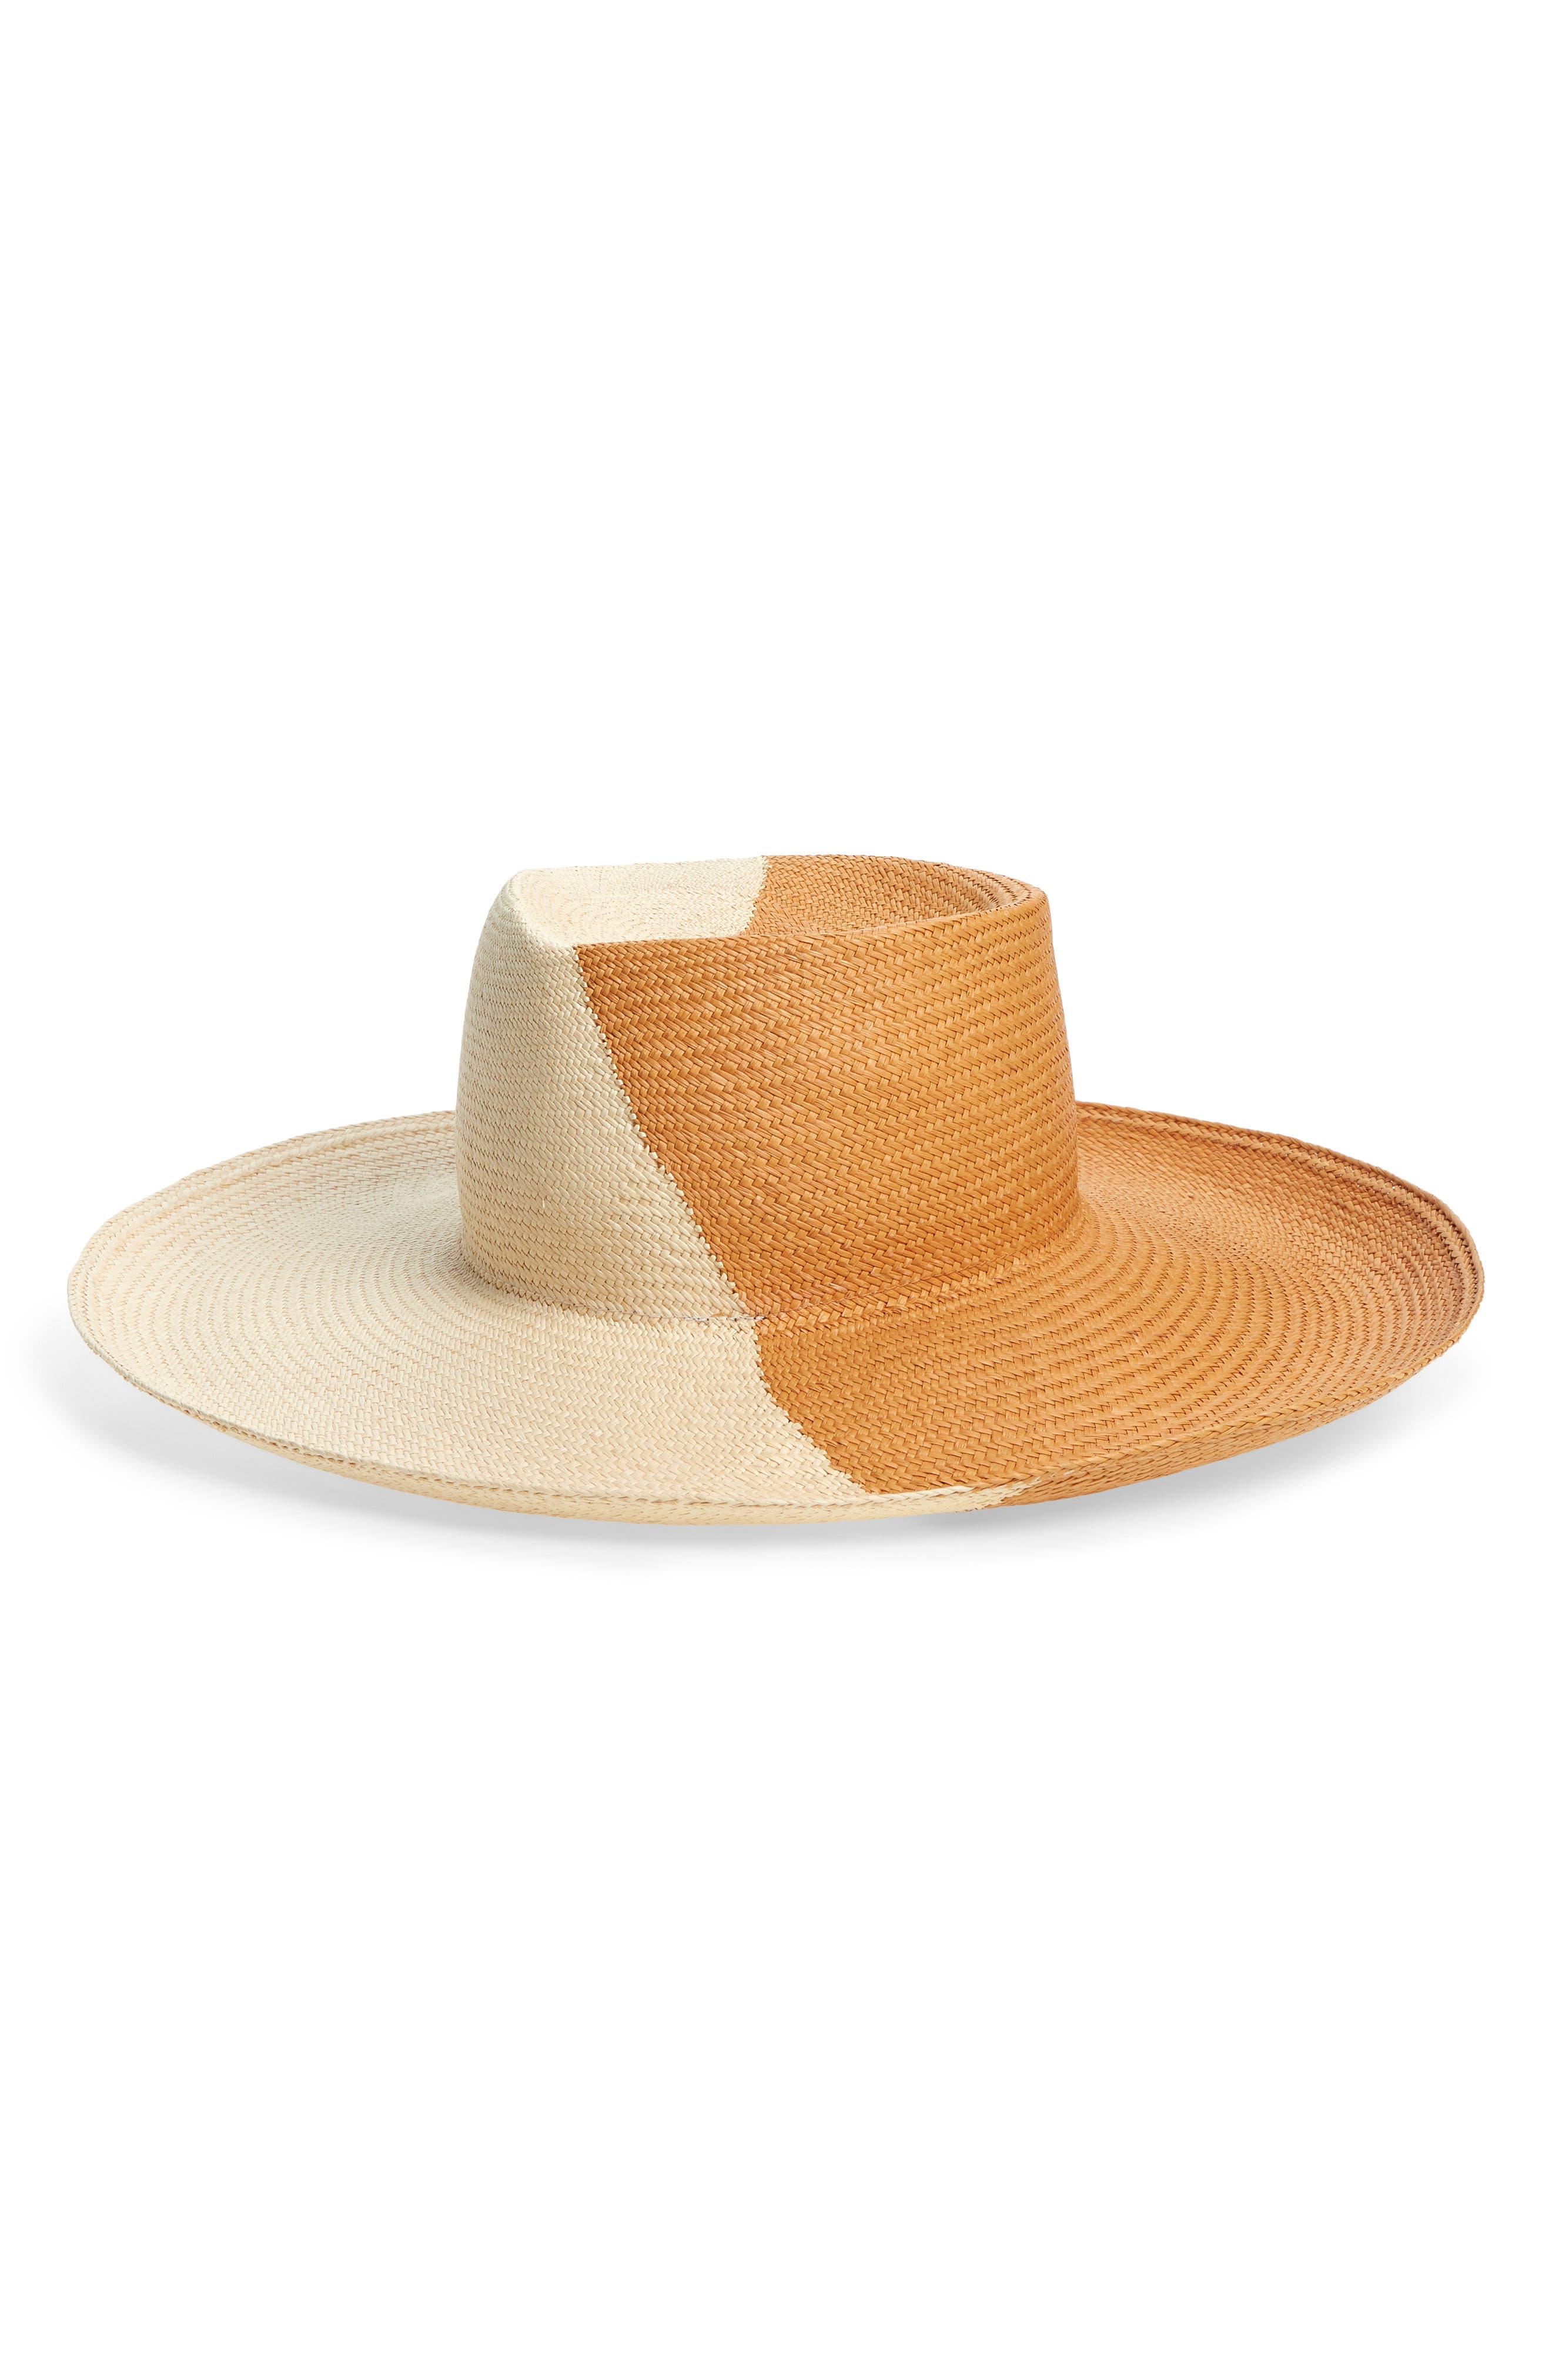 Drury Lane Straw Panama Hat